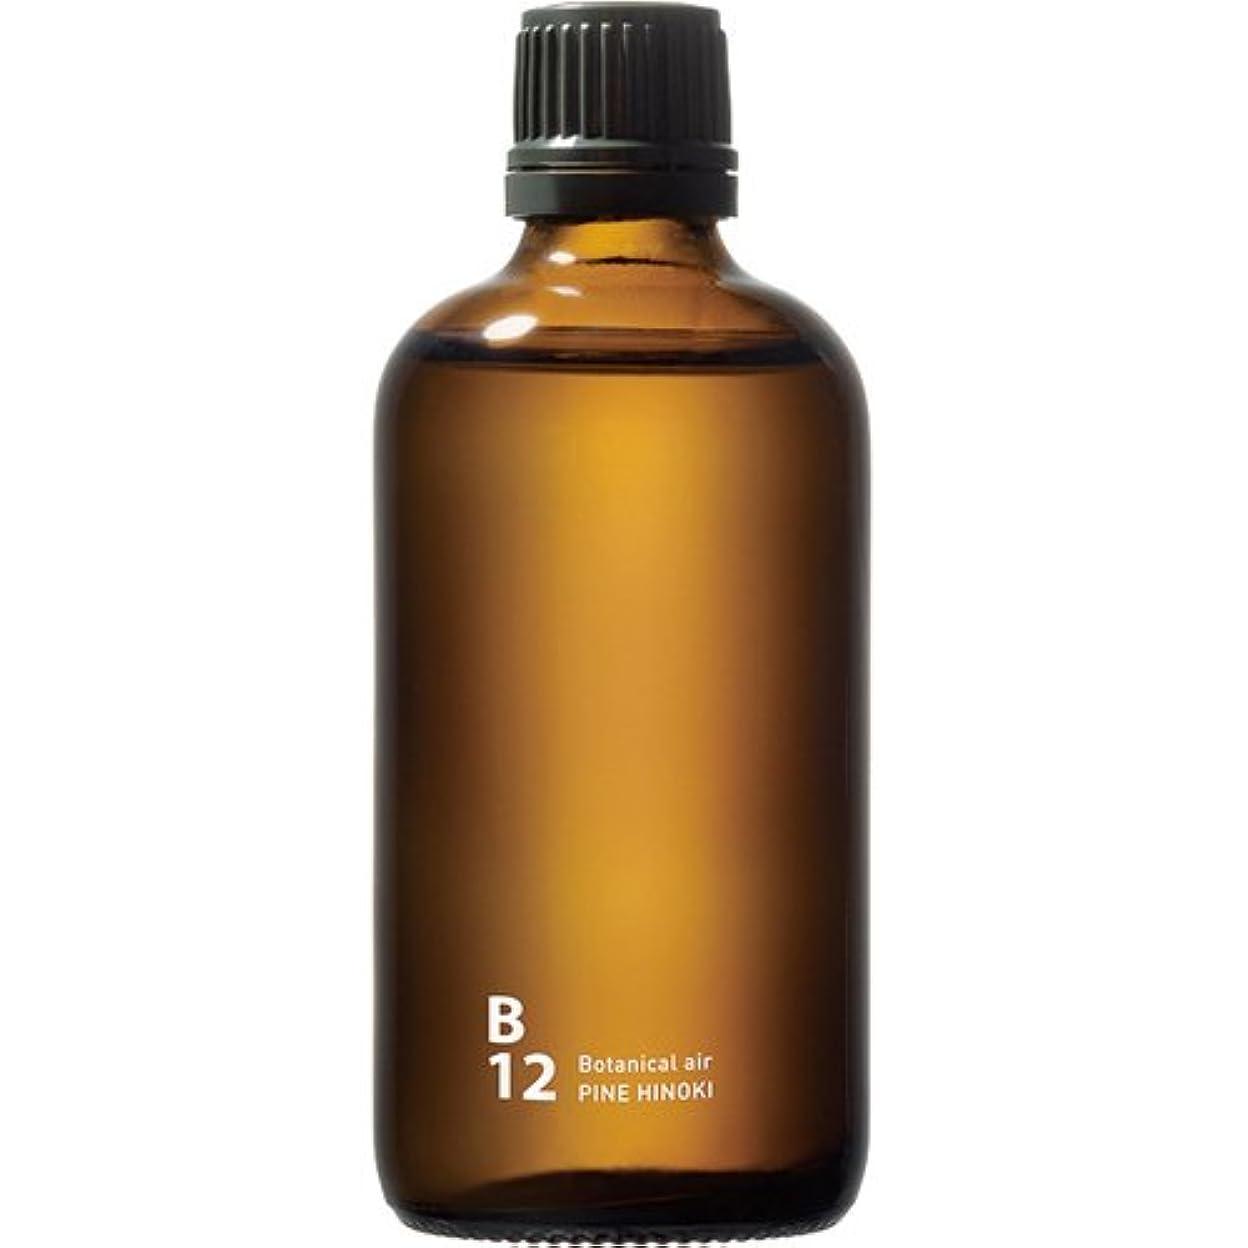 コック自動的に砂のB12 PINE HINOKI piezo aroma oil 100ml